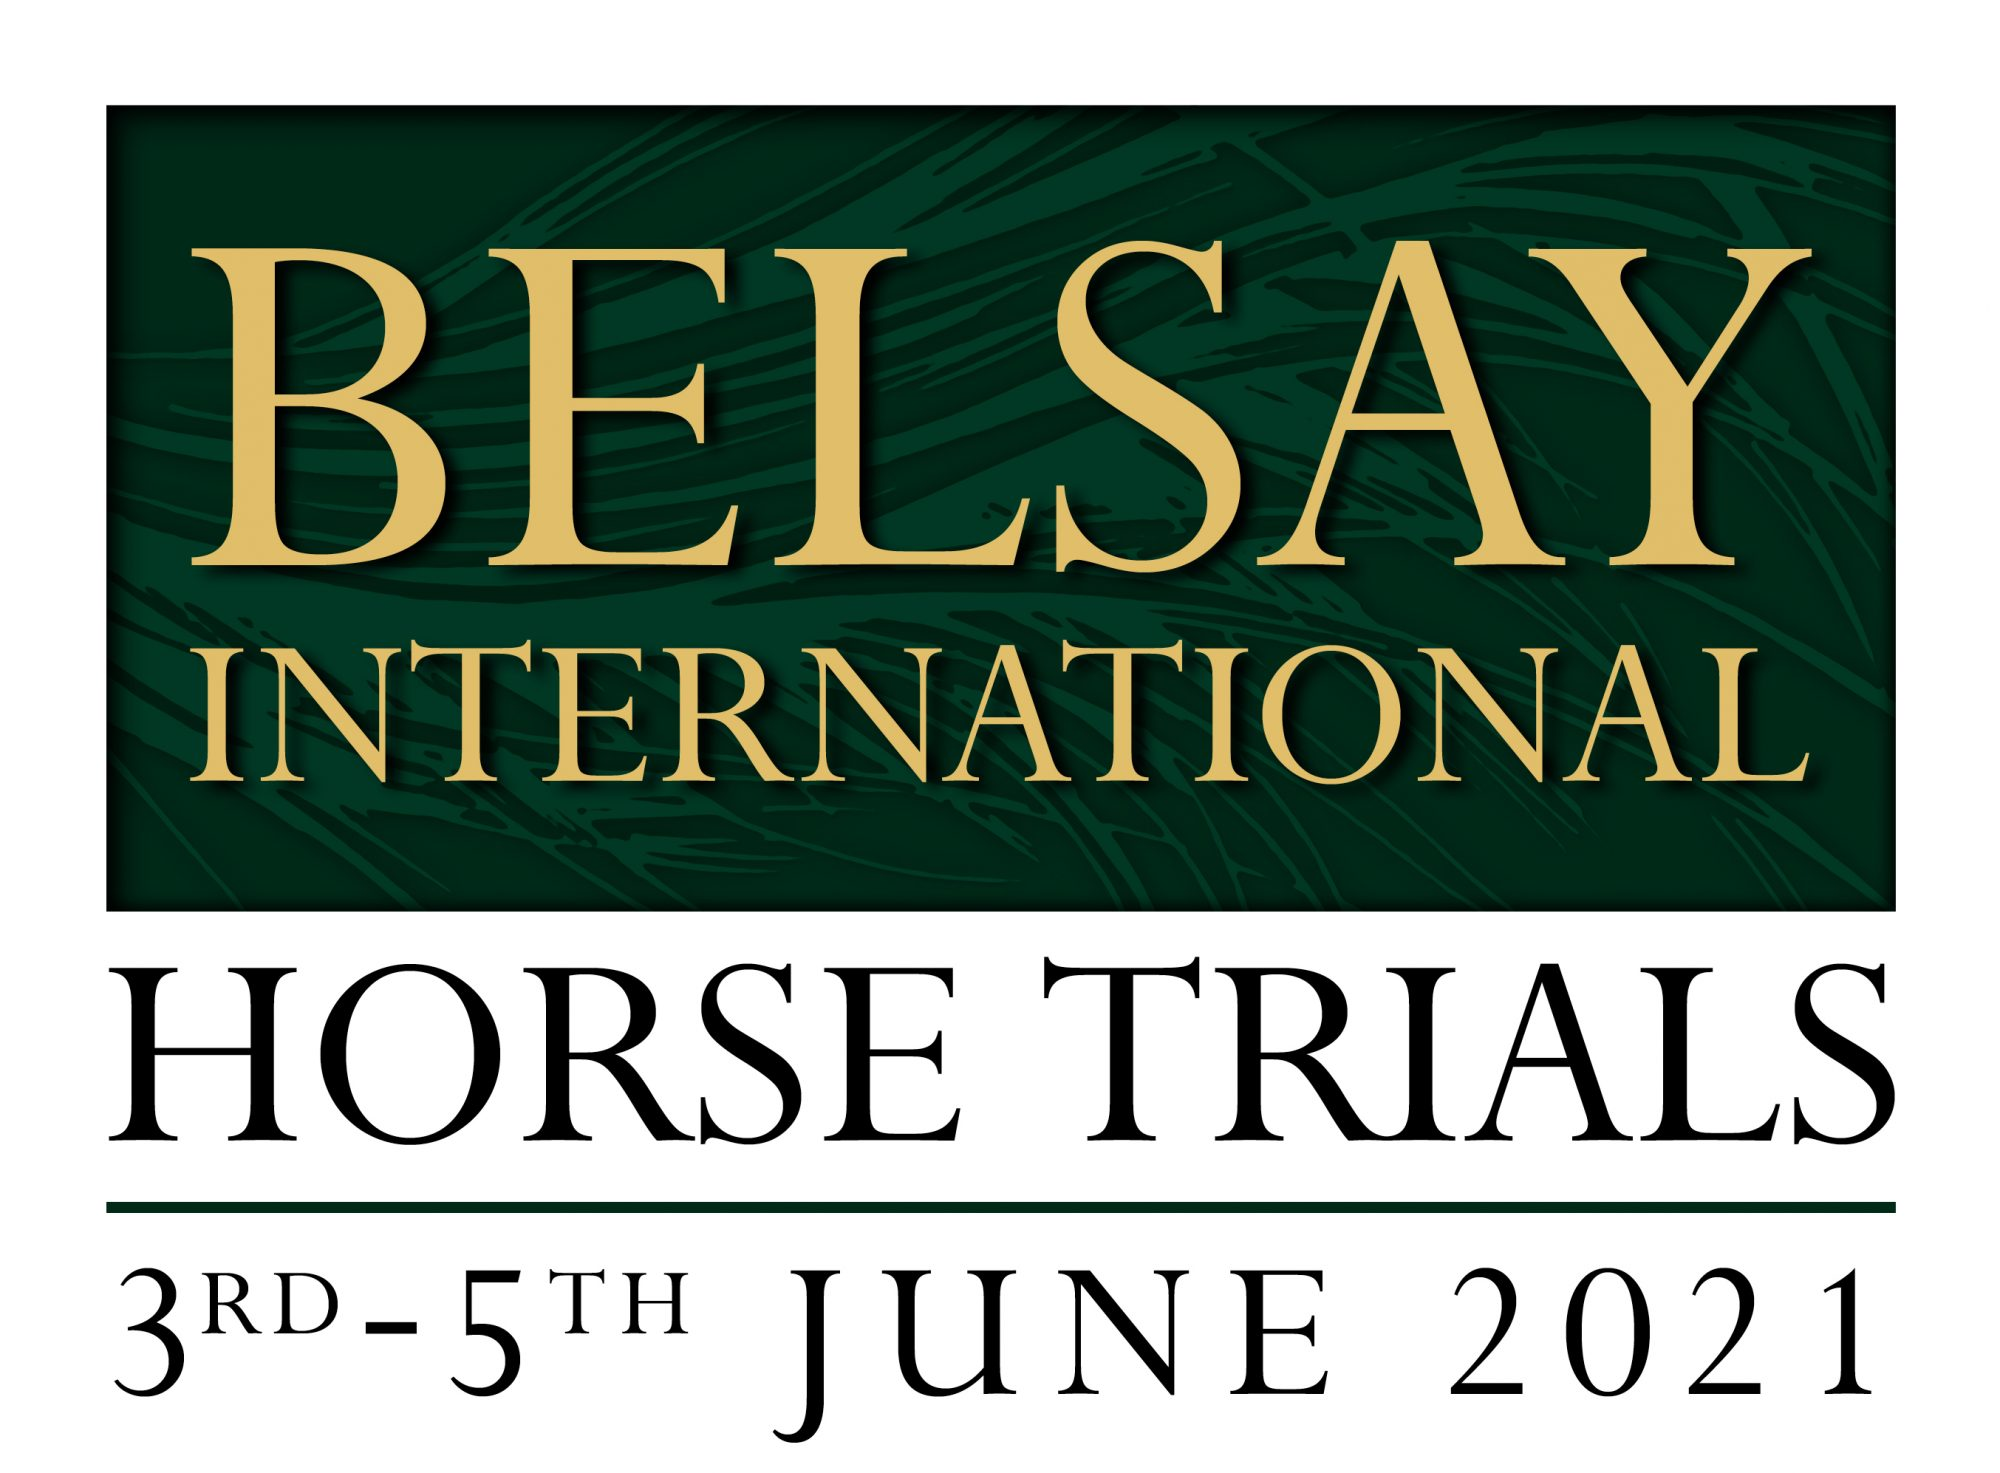 belsay horse trials logo